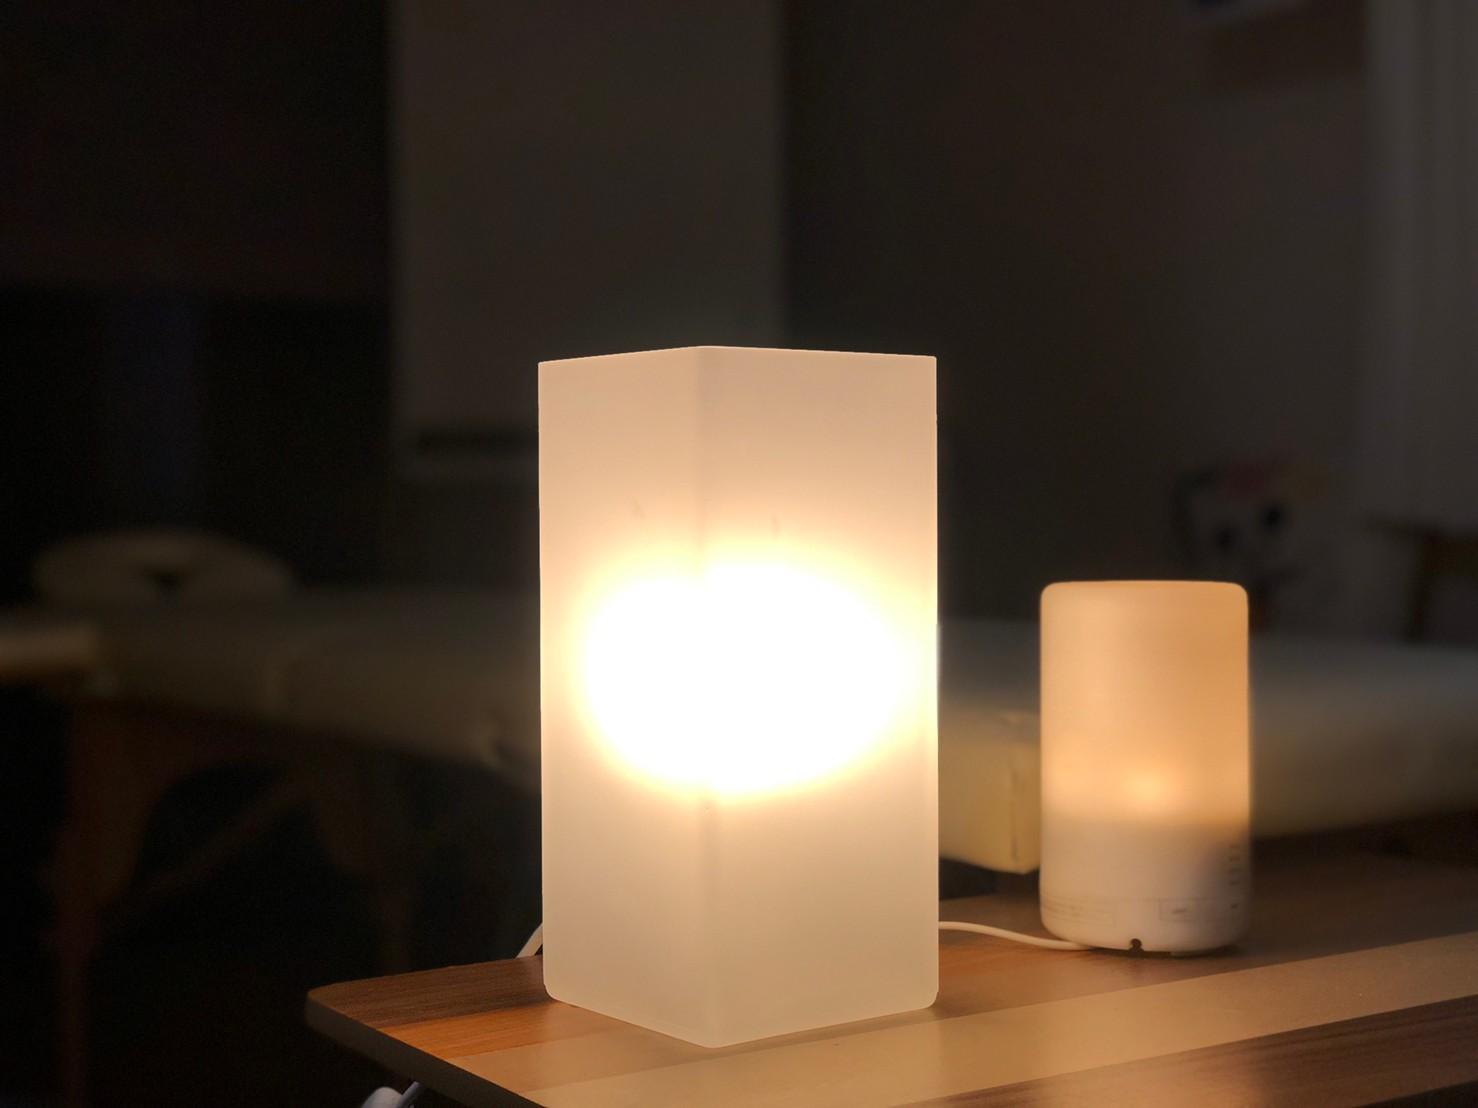 間接照明はテーブル収納に入ってます。 - JK Room 新宿三丁目店 隠れサロン💅🏻施術ベット🛌の室内の写真